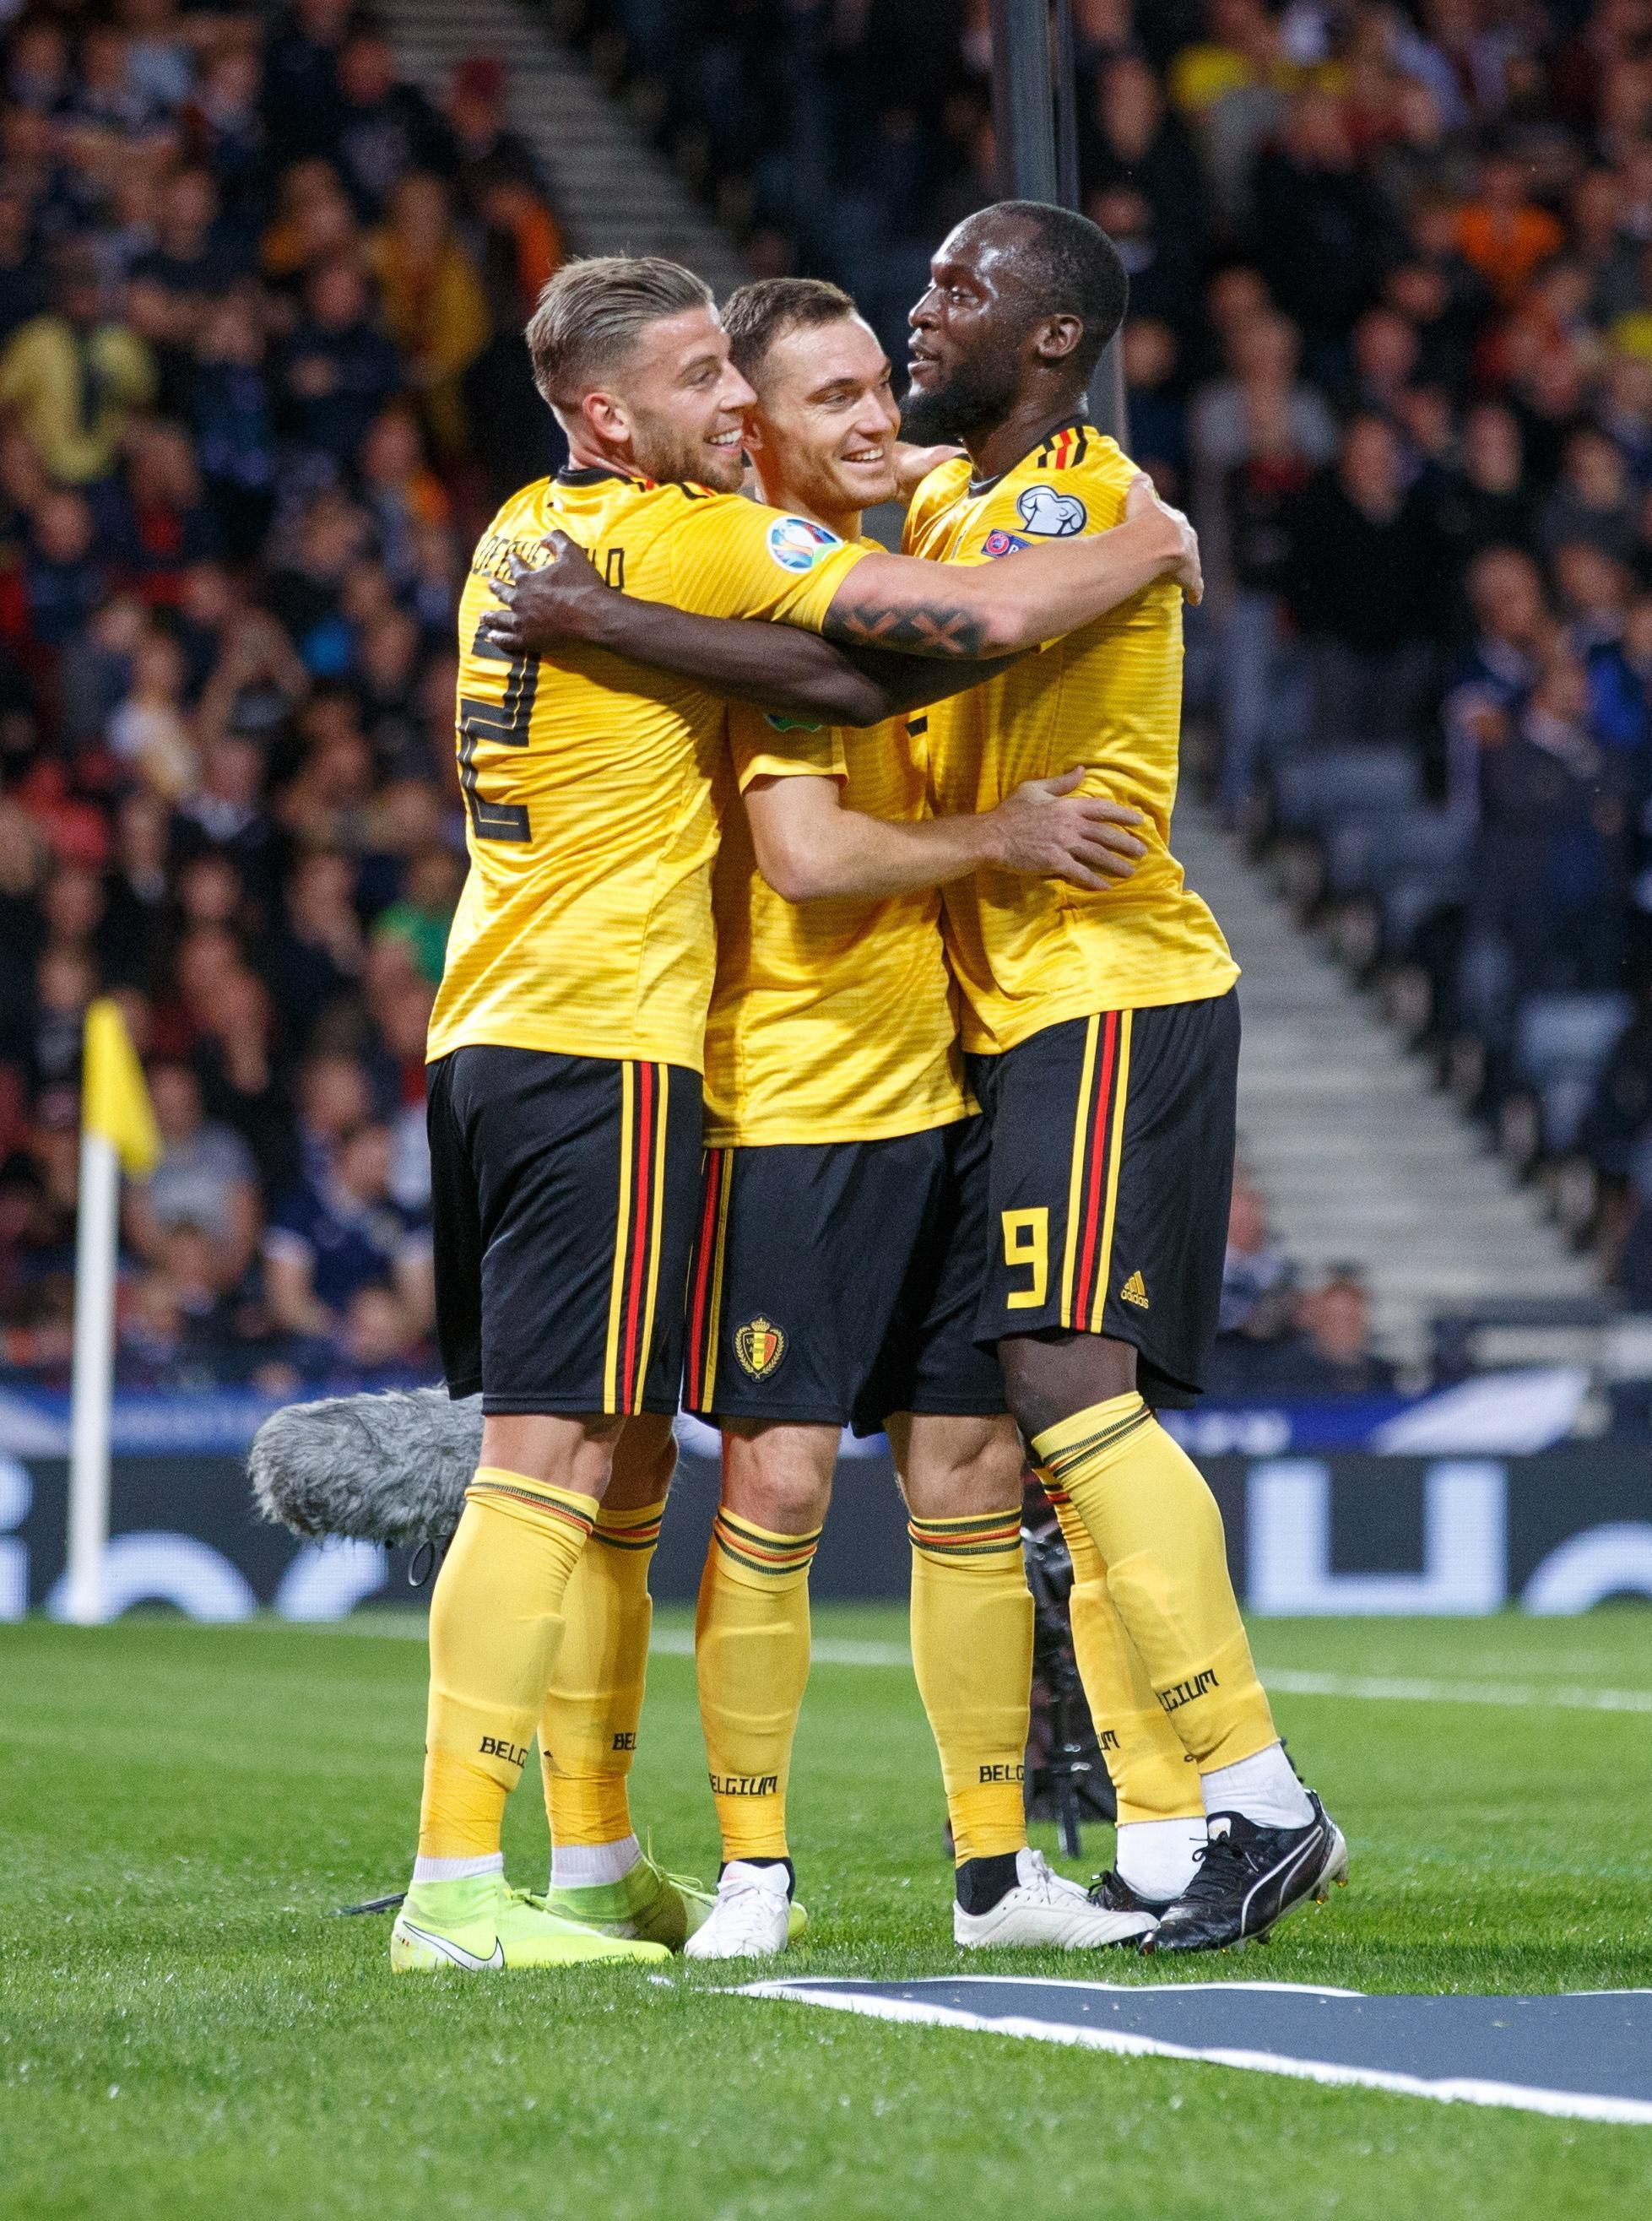 Romelu Lukaku continua a segnare. Dopo i gol in campionato con la maglia dell'Inter, due nelle prime due partite, l'attaccante belga è ...